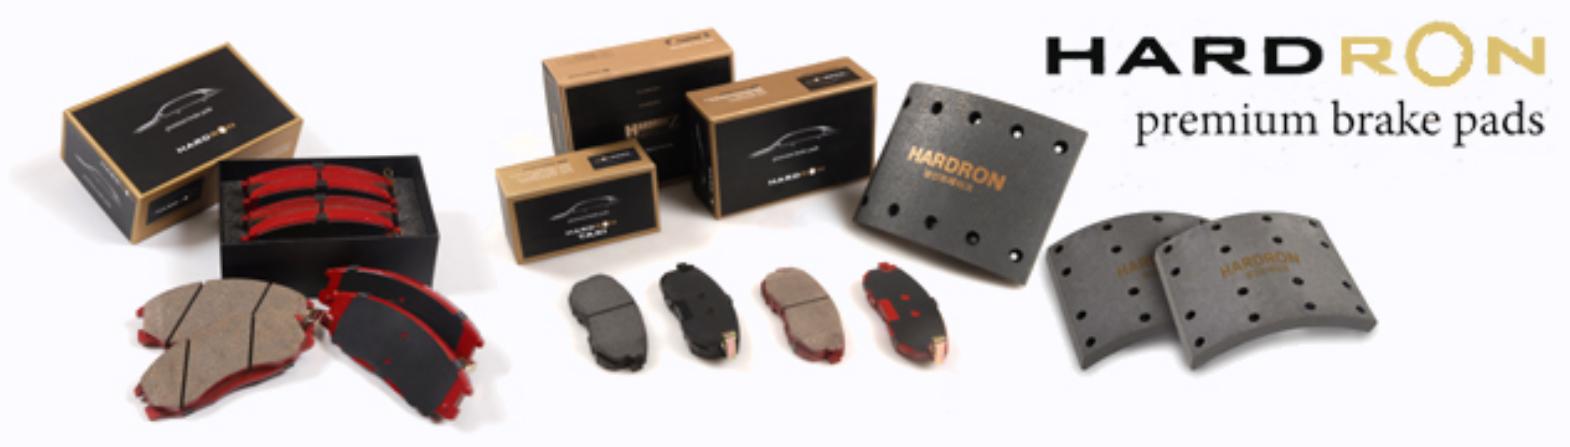 Внешний вид колодок, упаковки серии HardRon